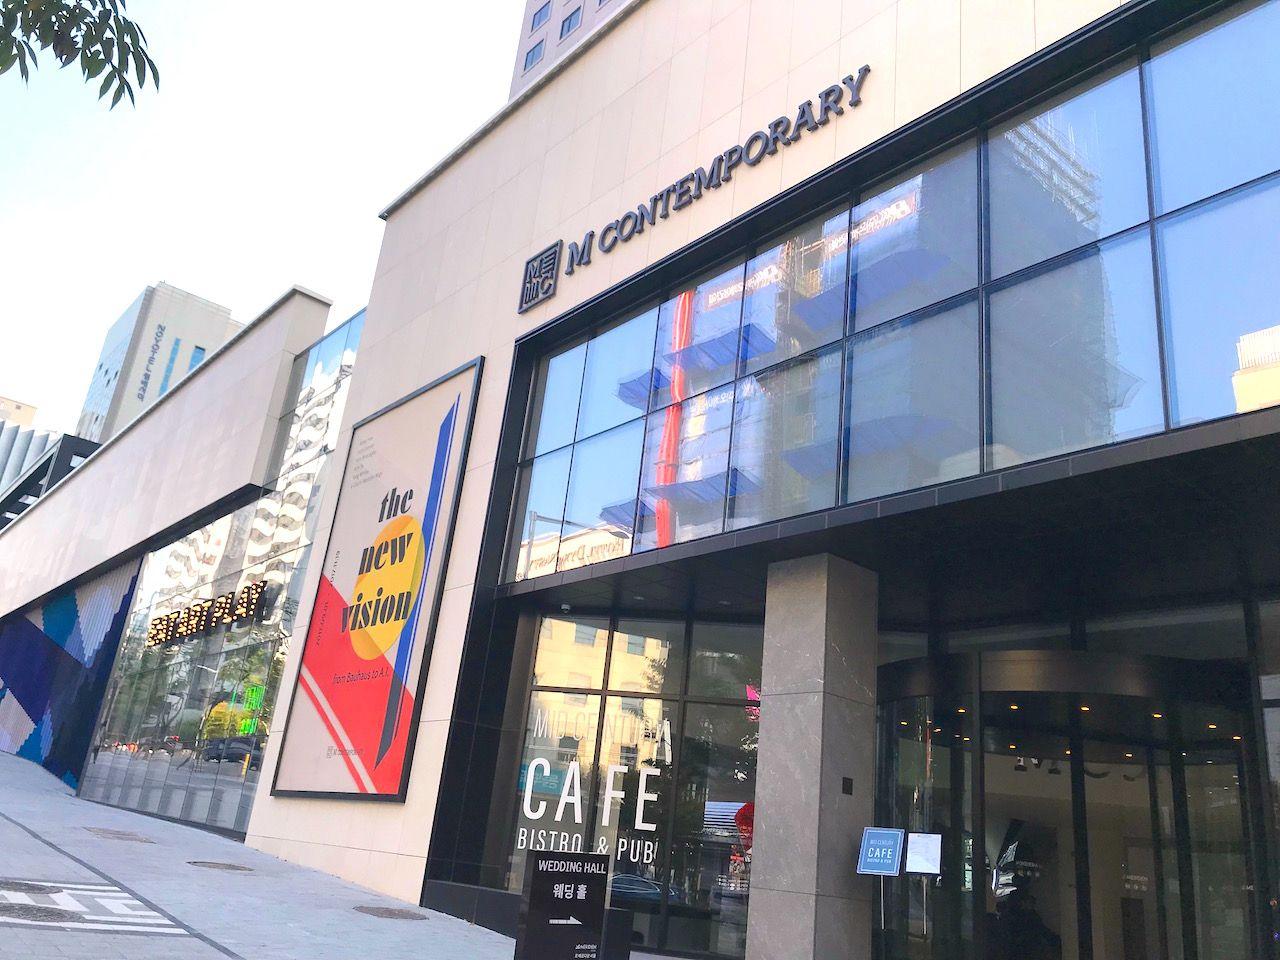 ルメリディアン・ソウルの中のアートセンター「Mコンテンポラリー」